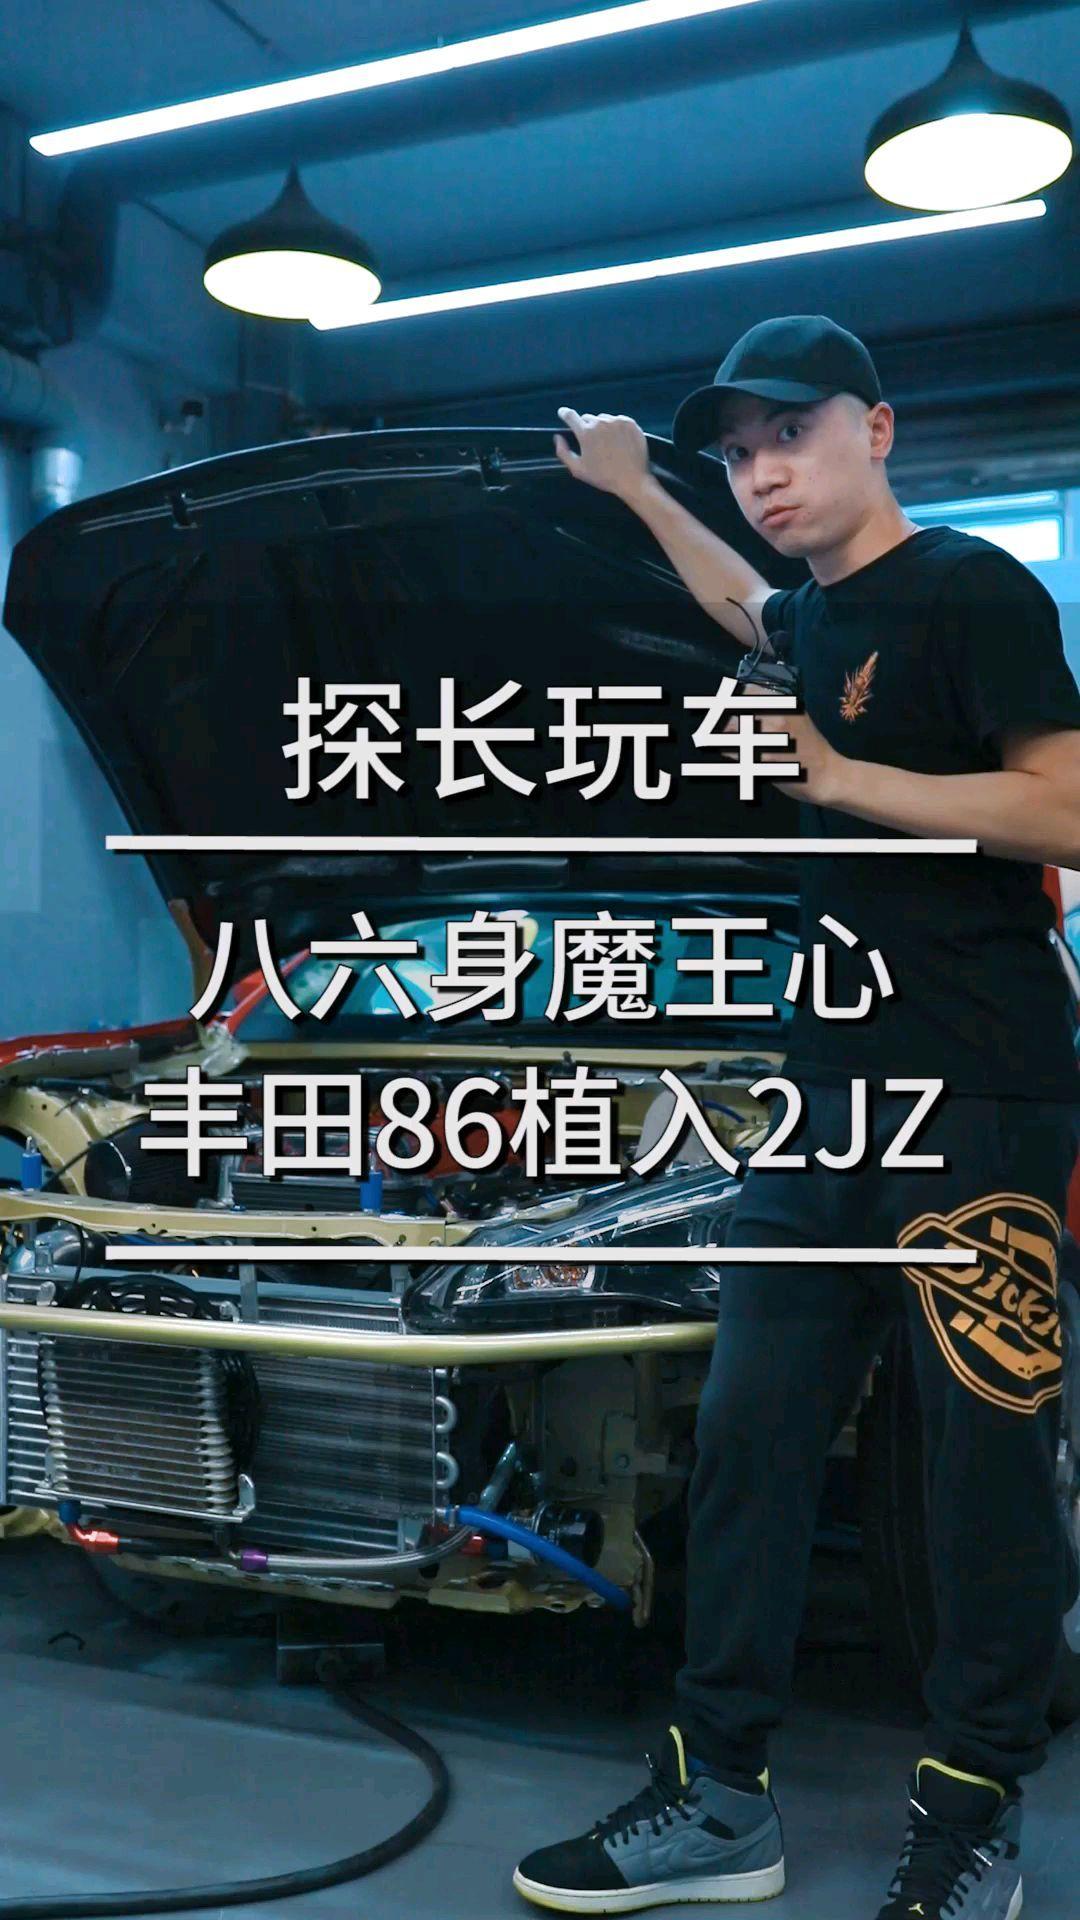 八六身,魔王心!丰田86植入2JZ